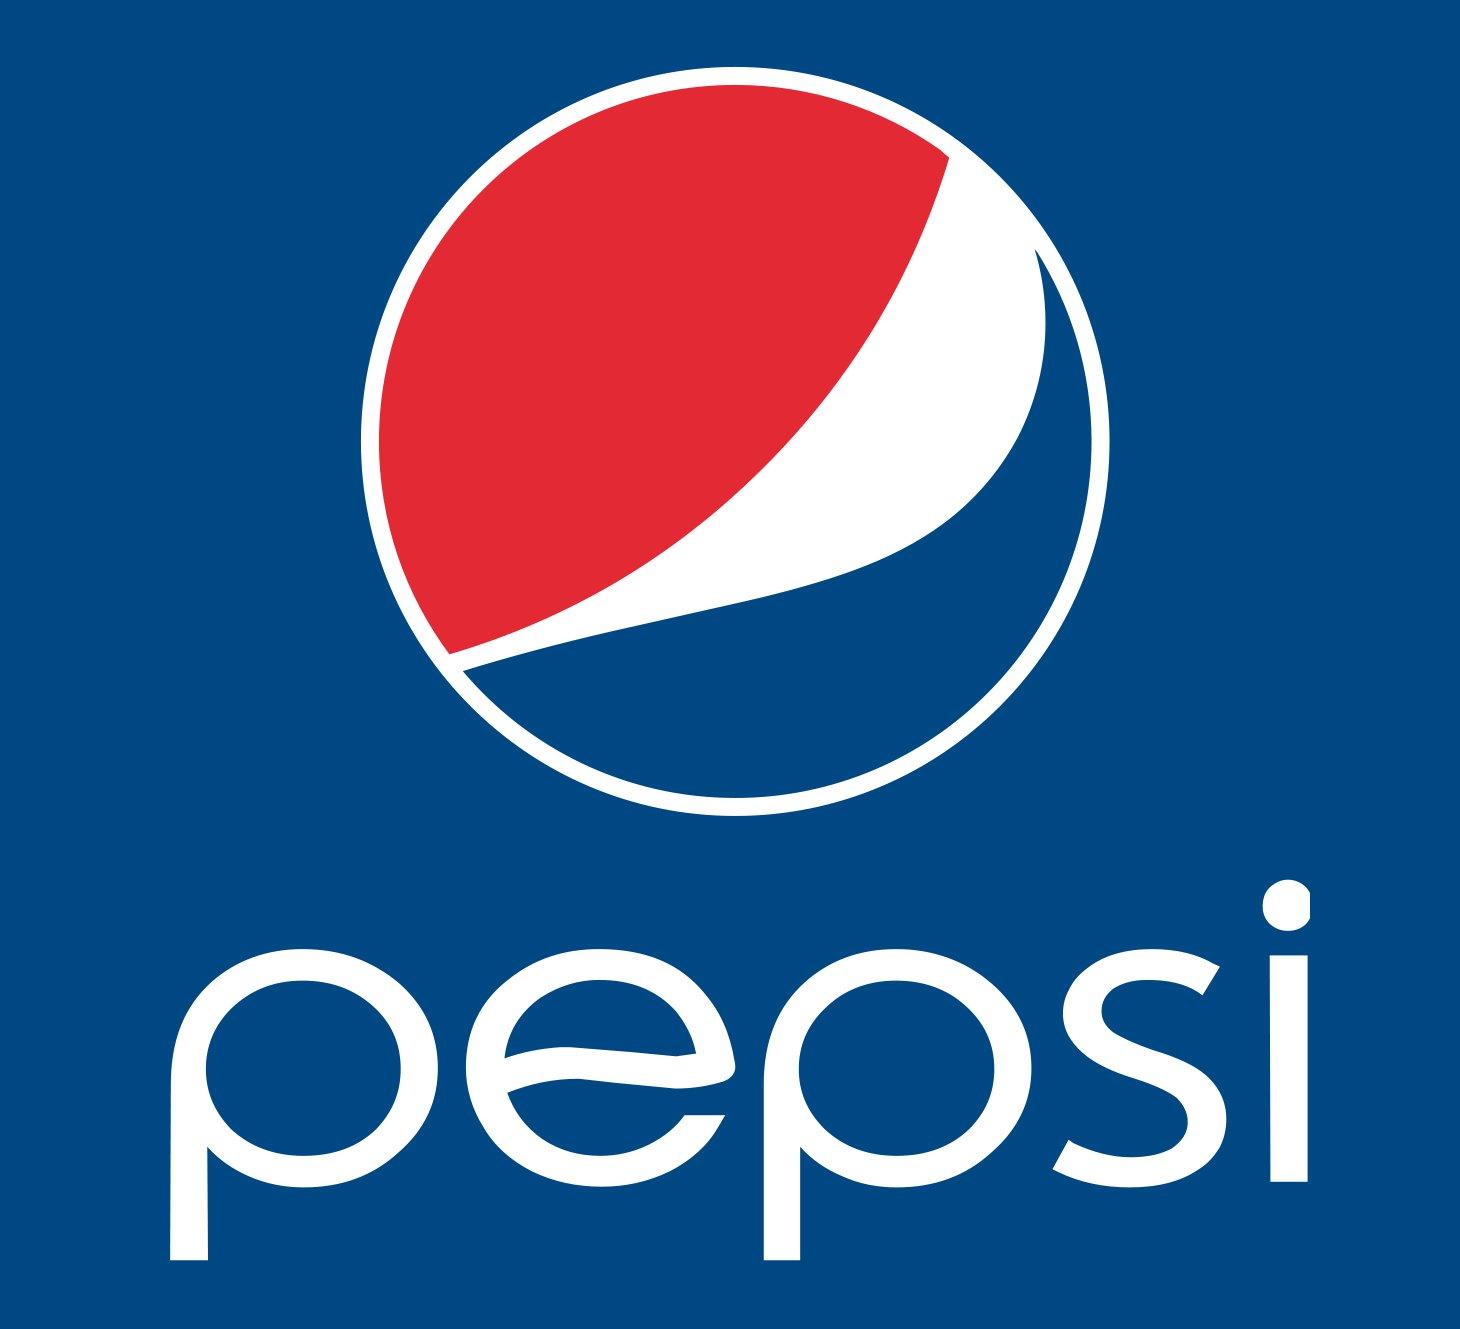 pepsi logo new